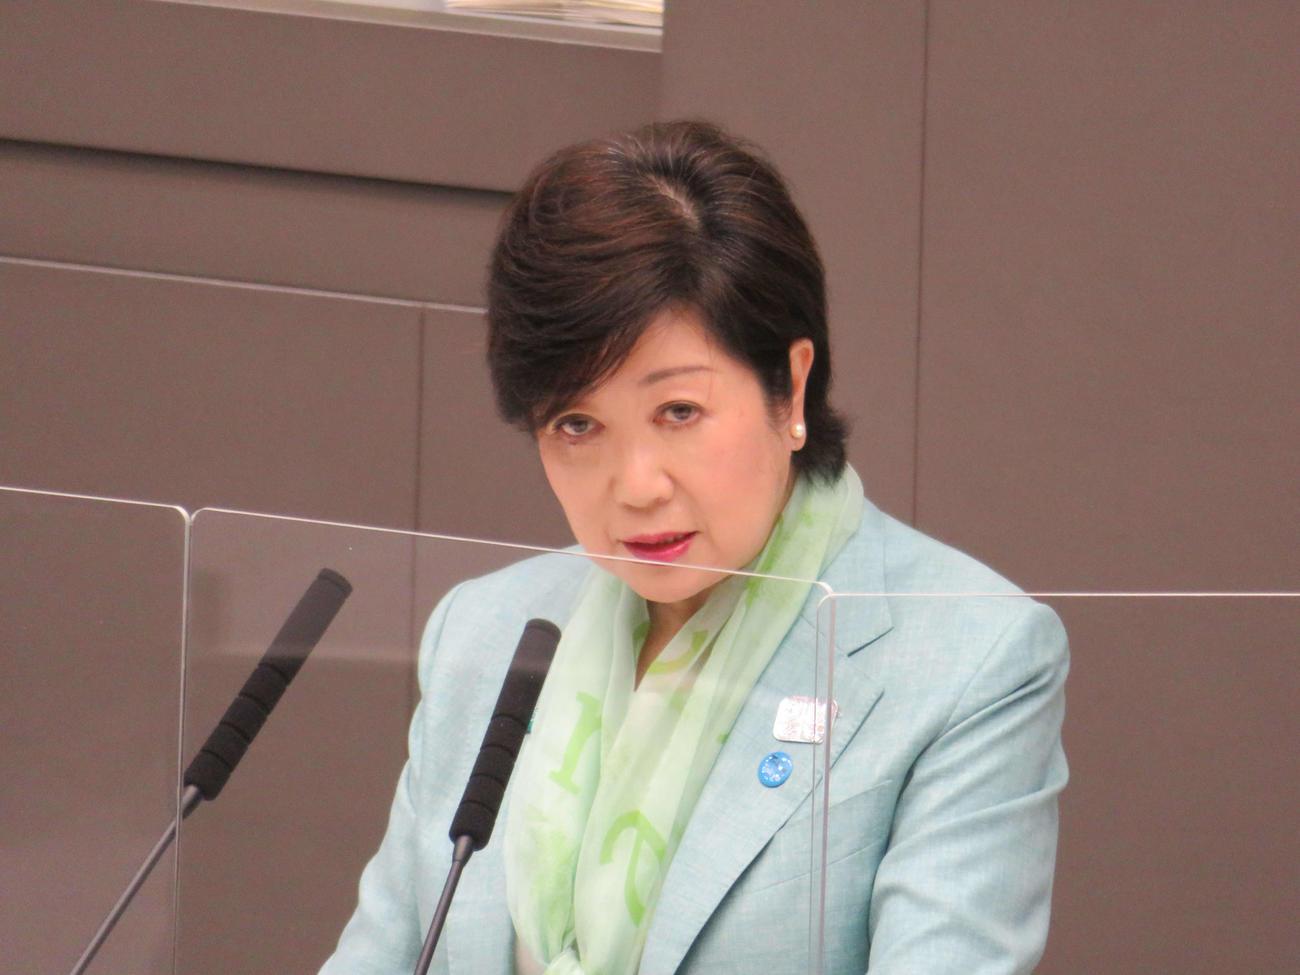 東京都議会にて答弁する、小池百合子知事(撮影・小早川宗一郎)